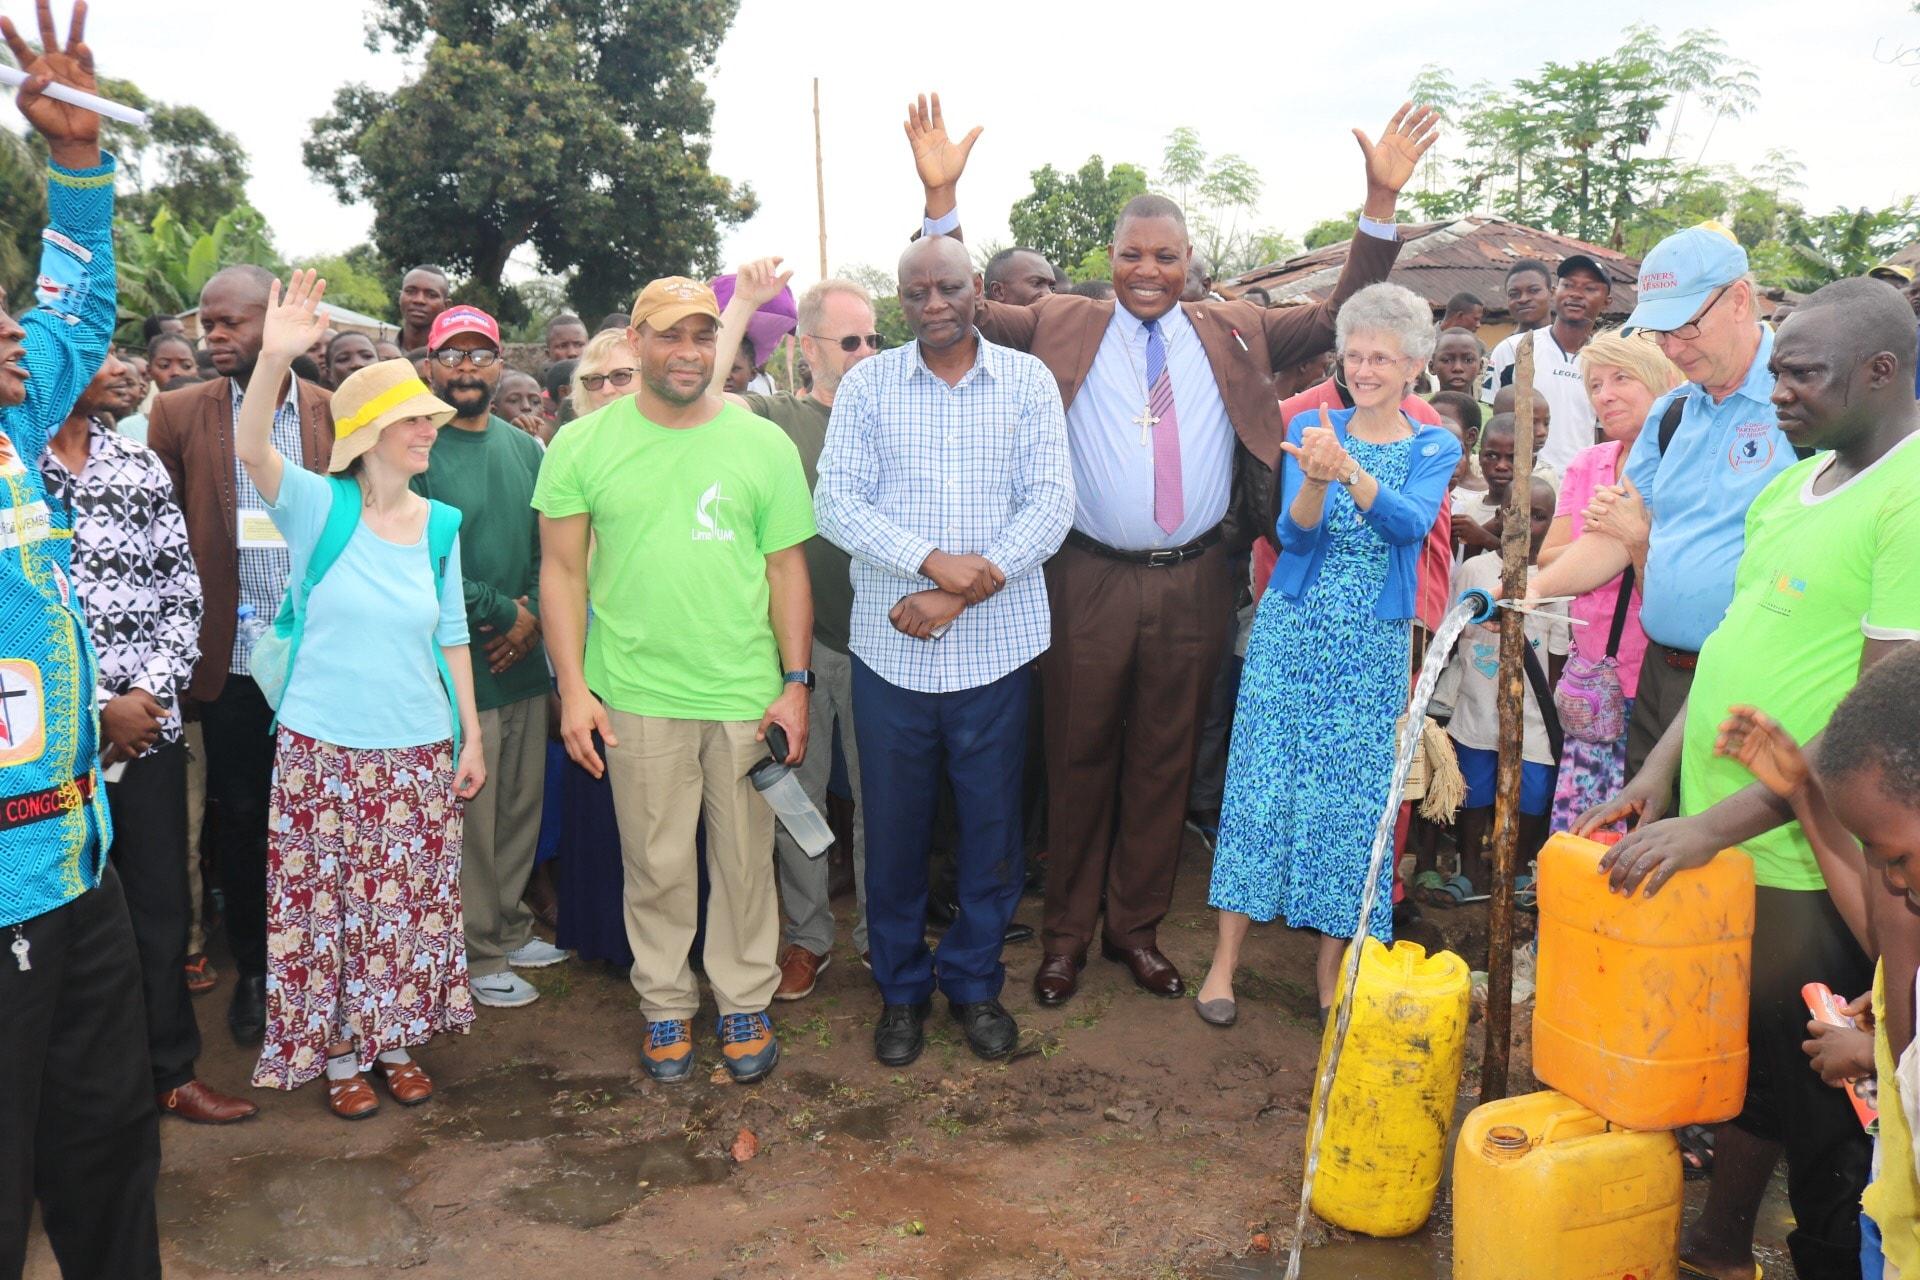 L'Evêque Daniel Lunge du Congo Central (en costume) et l'Evêque Peggy Johnson du Delaware (à sa gauche) se joignent à la population de Wembo-Nyama et du Delaware pour exprimer leur joie d'avoir de l'eau potable. La population de Wembo-Nyama a longtemps souffert des maladies dues à la mauvaise qualité de l'eau qu'elle consommait. Photo de François Omanyondo, UM News.